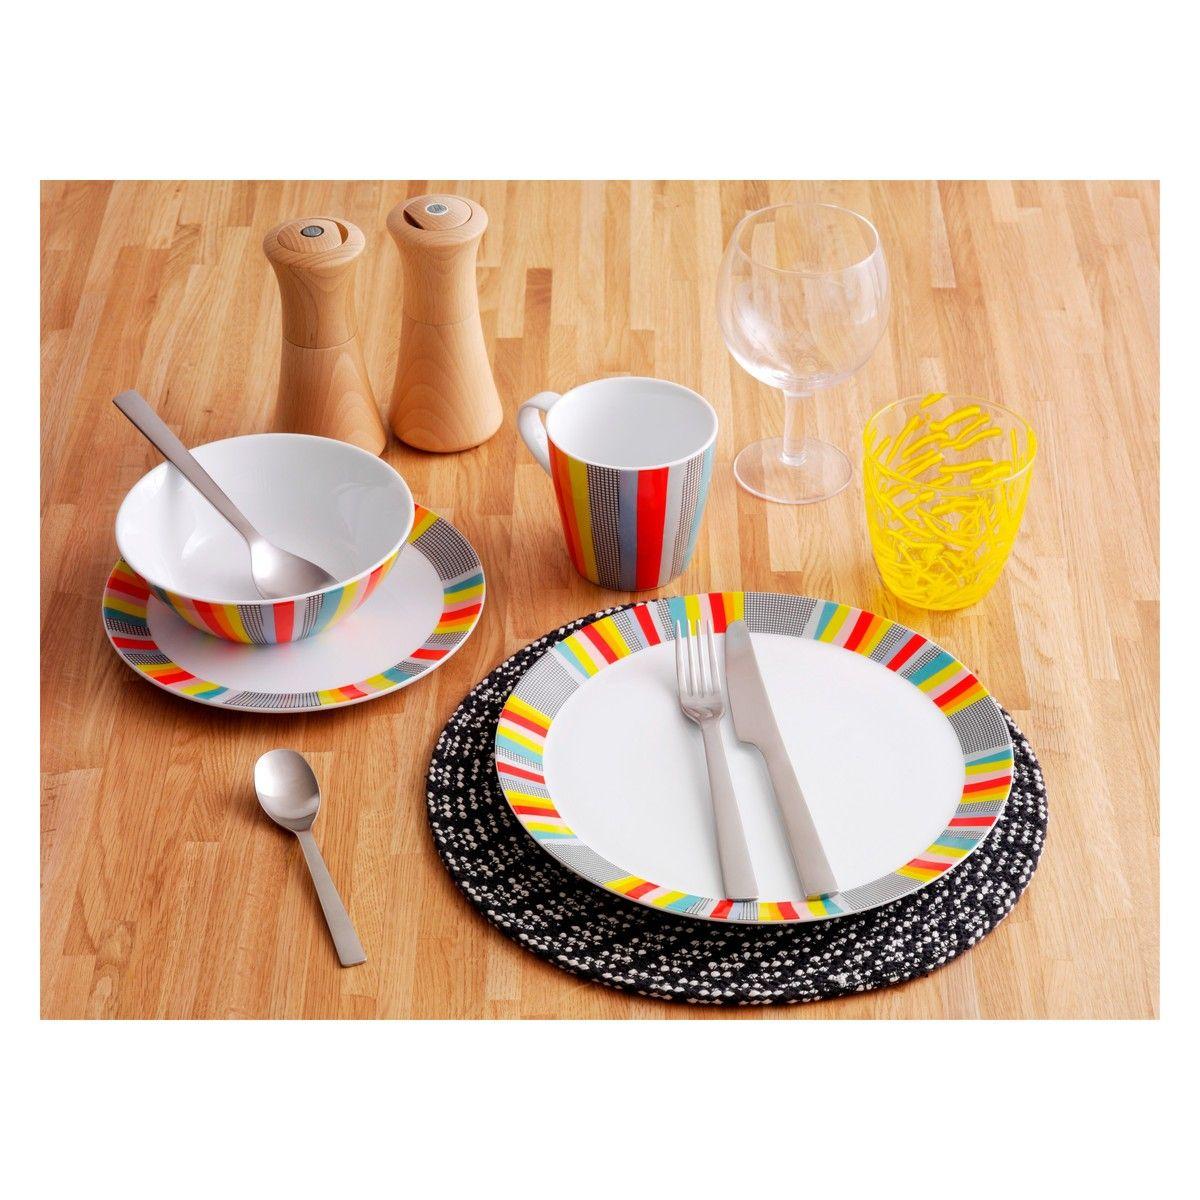 TUPA Set of 4 patterned porcelain dinner plates D27cm  sc 1 st  Pinterest & TUPA Set of 4 patterned porcelain dinner plates D27cm | Christmas ...